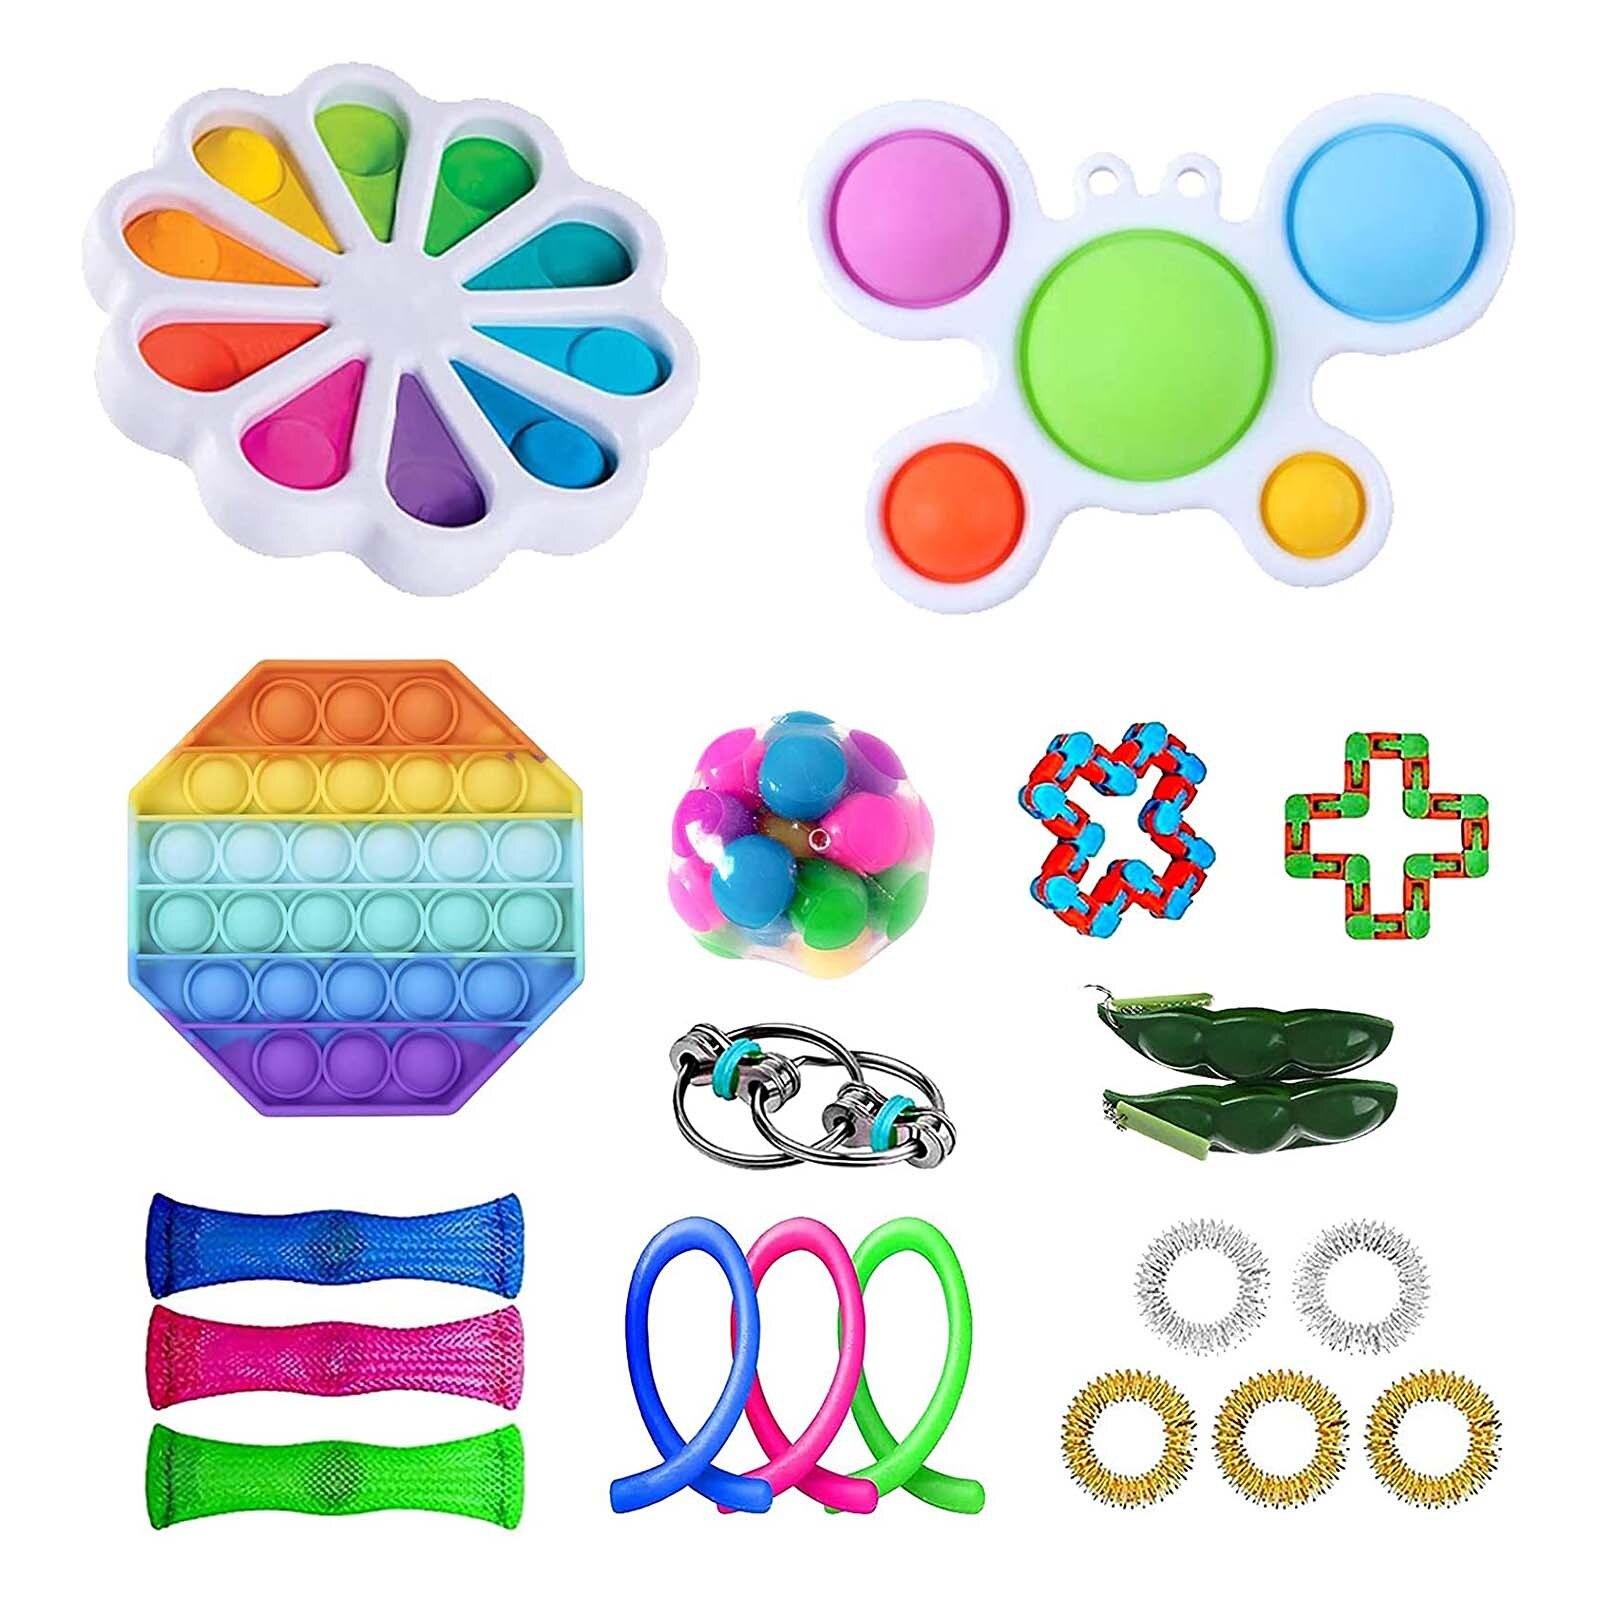 pop-it-juguetes-sensoriales-de-burbujas-para-adultos-estres-alivio-de-sobremesa-antiestres-juguetes-de-descompresion-para-apretar